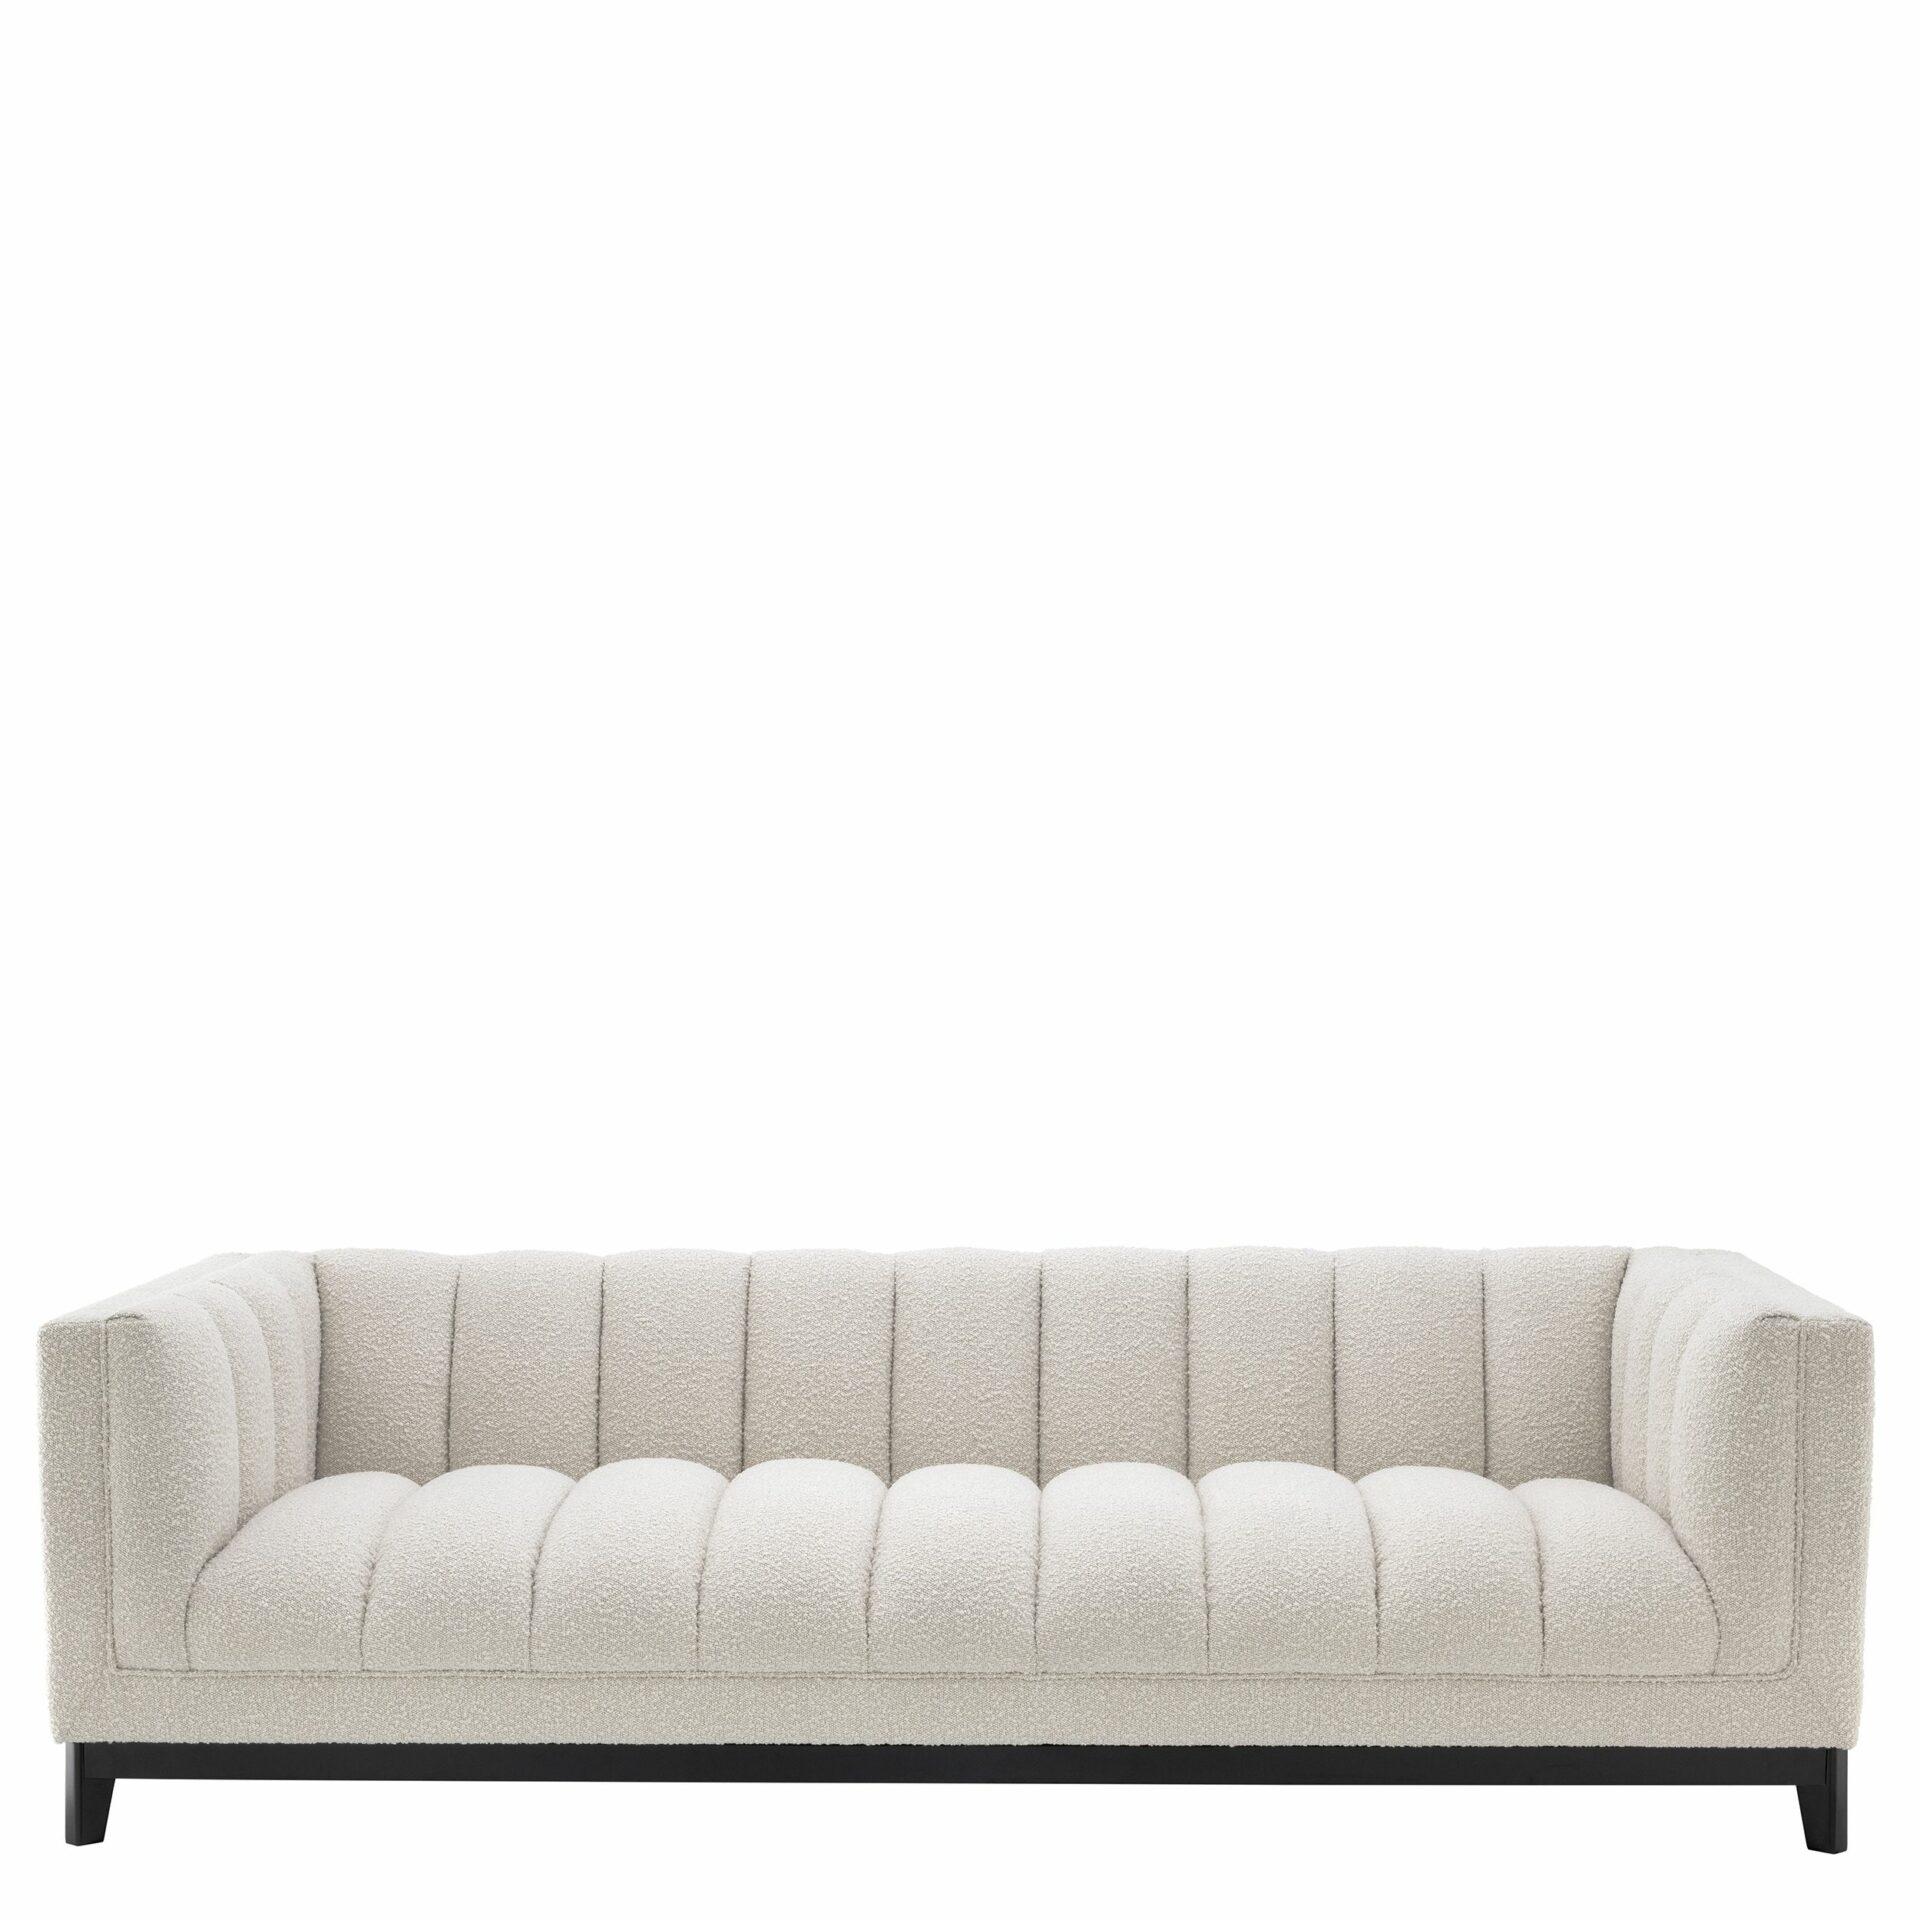 Sofa-ditmar